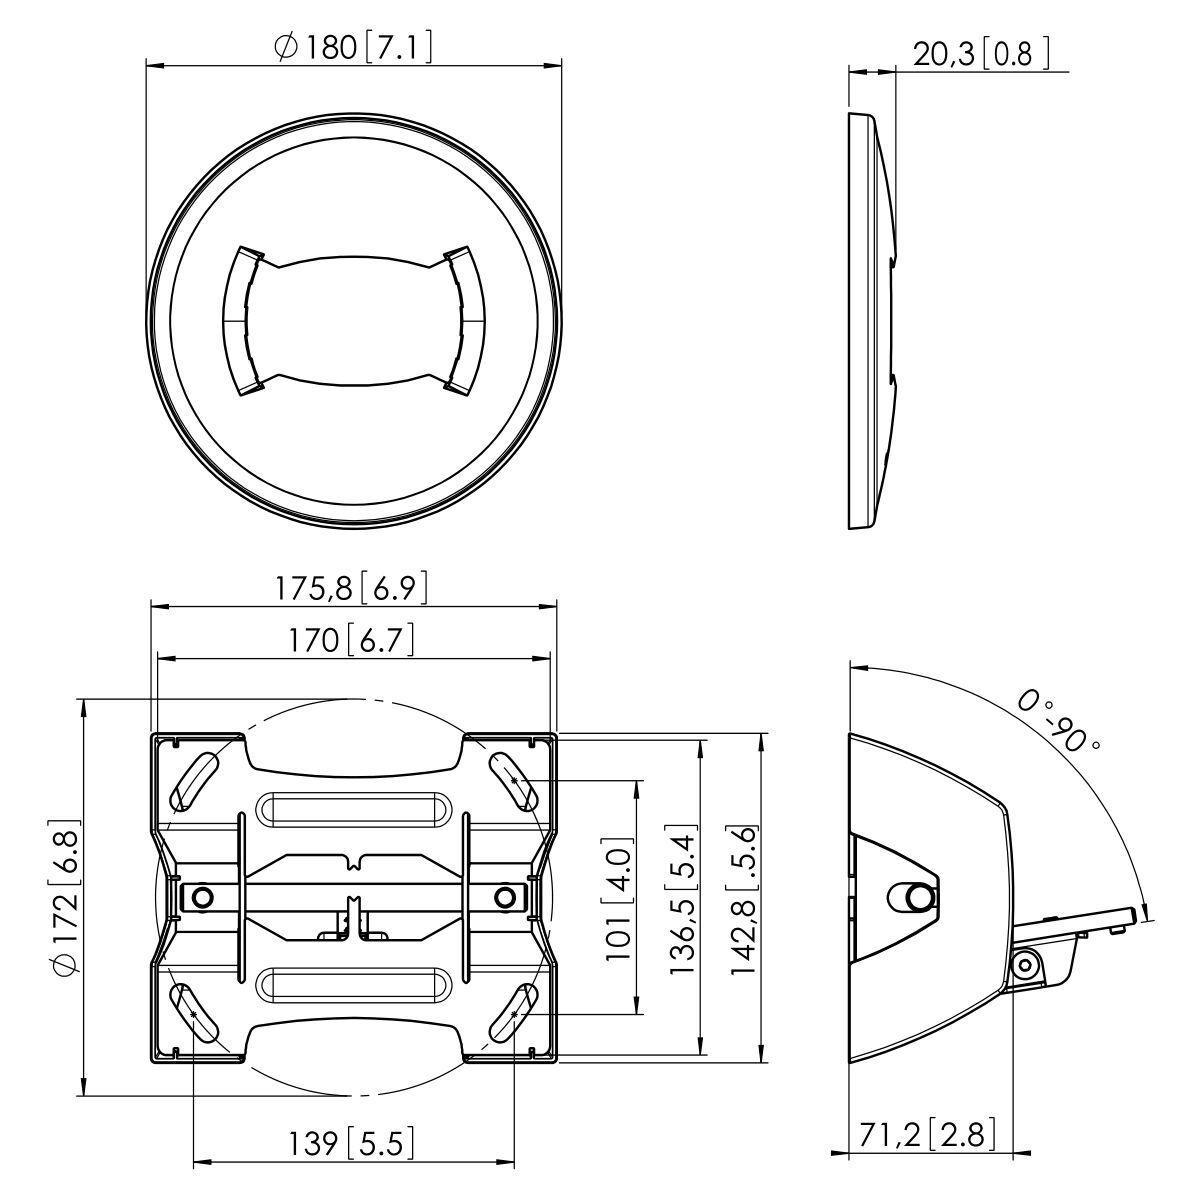 Vogel's PUC 1070 Ceiling plate tilt - Dimensions